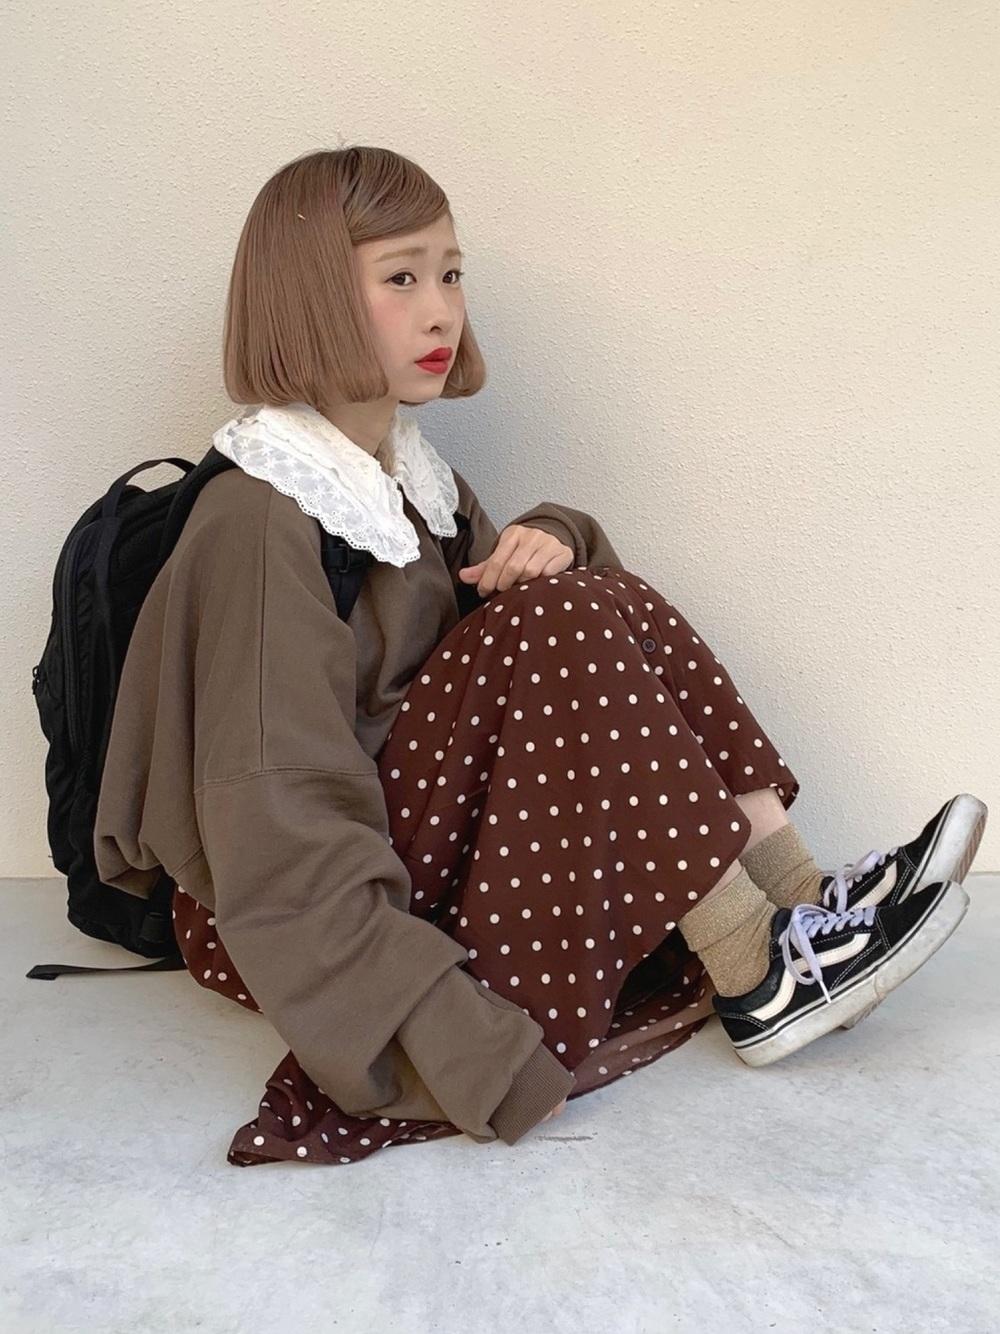 黒リュック × ドット柄スカート